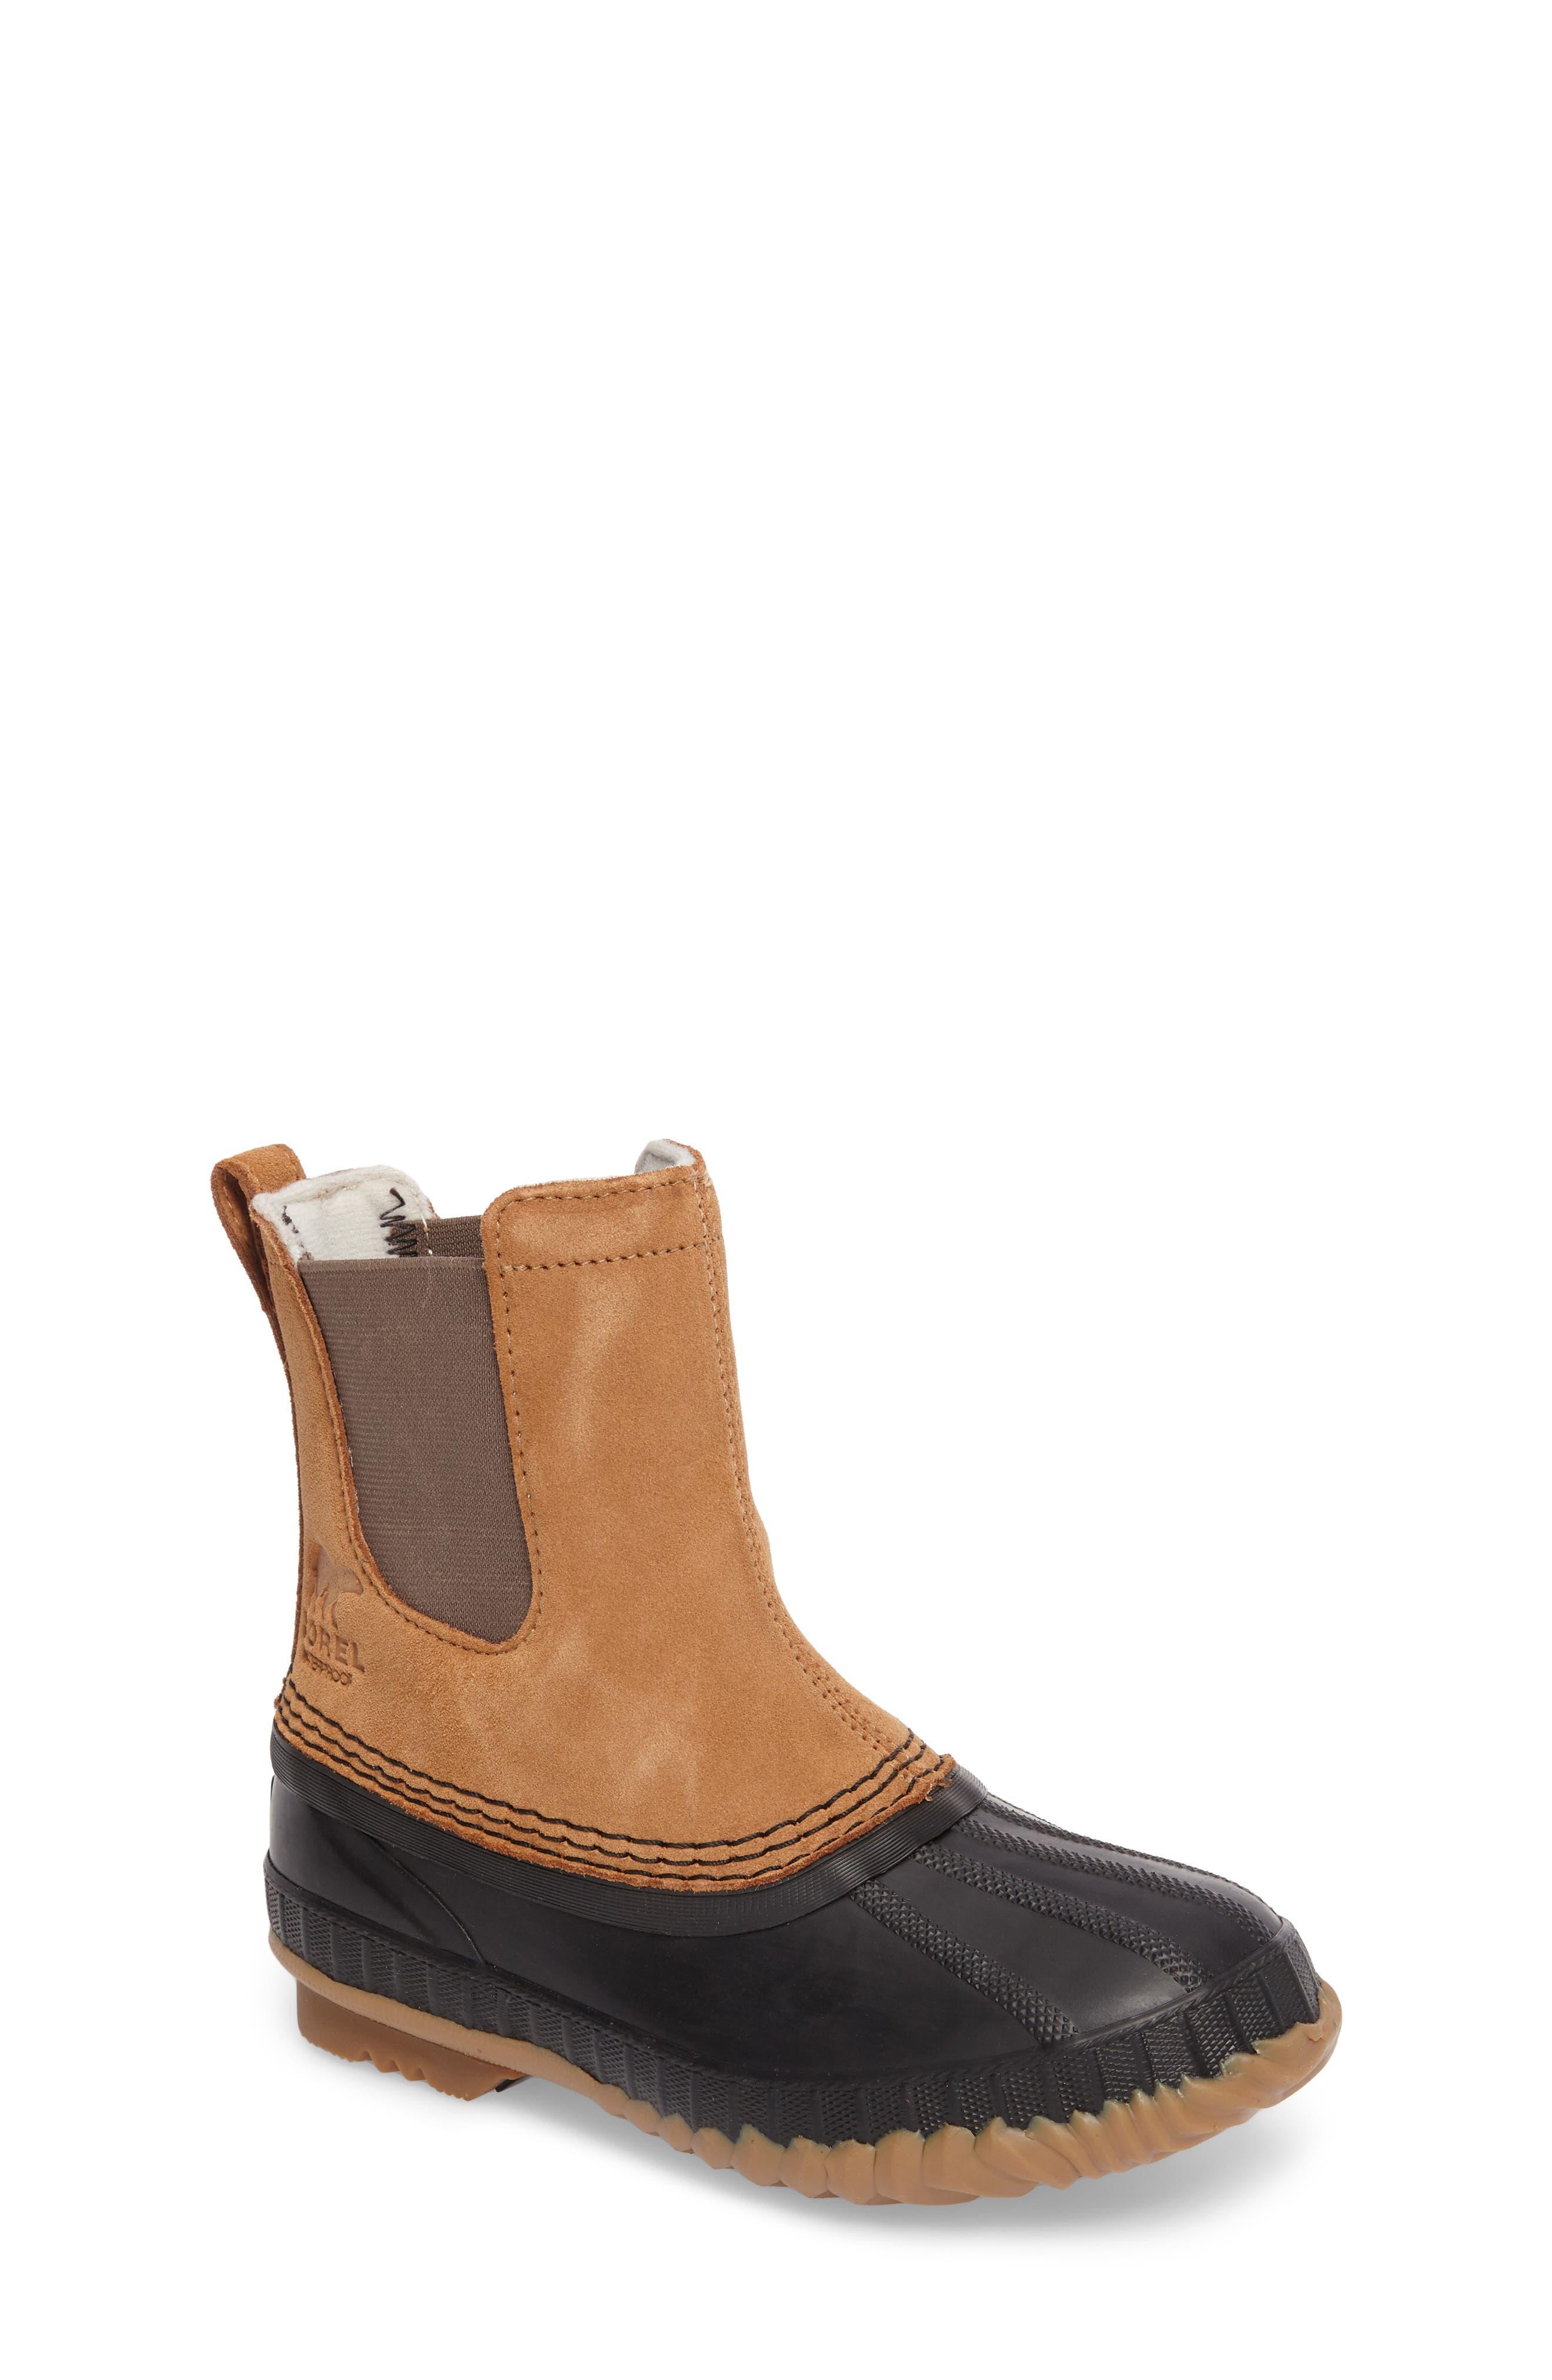 Cheyanne II Waterproof Insulated Chelsea Boot,                             Main thumbnail 1, color,                             Elk/ Black